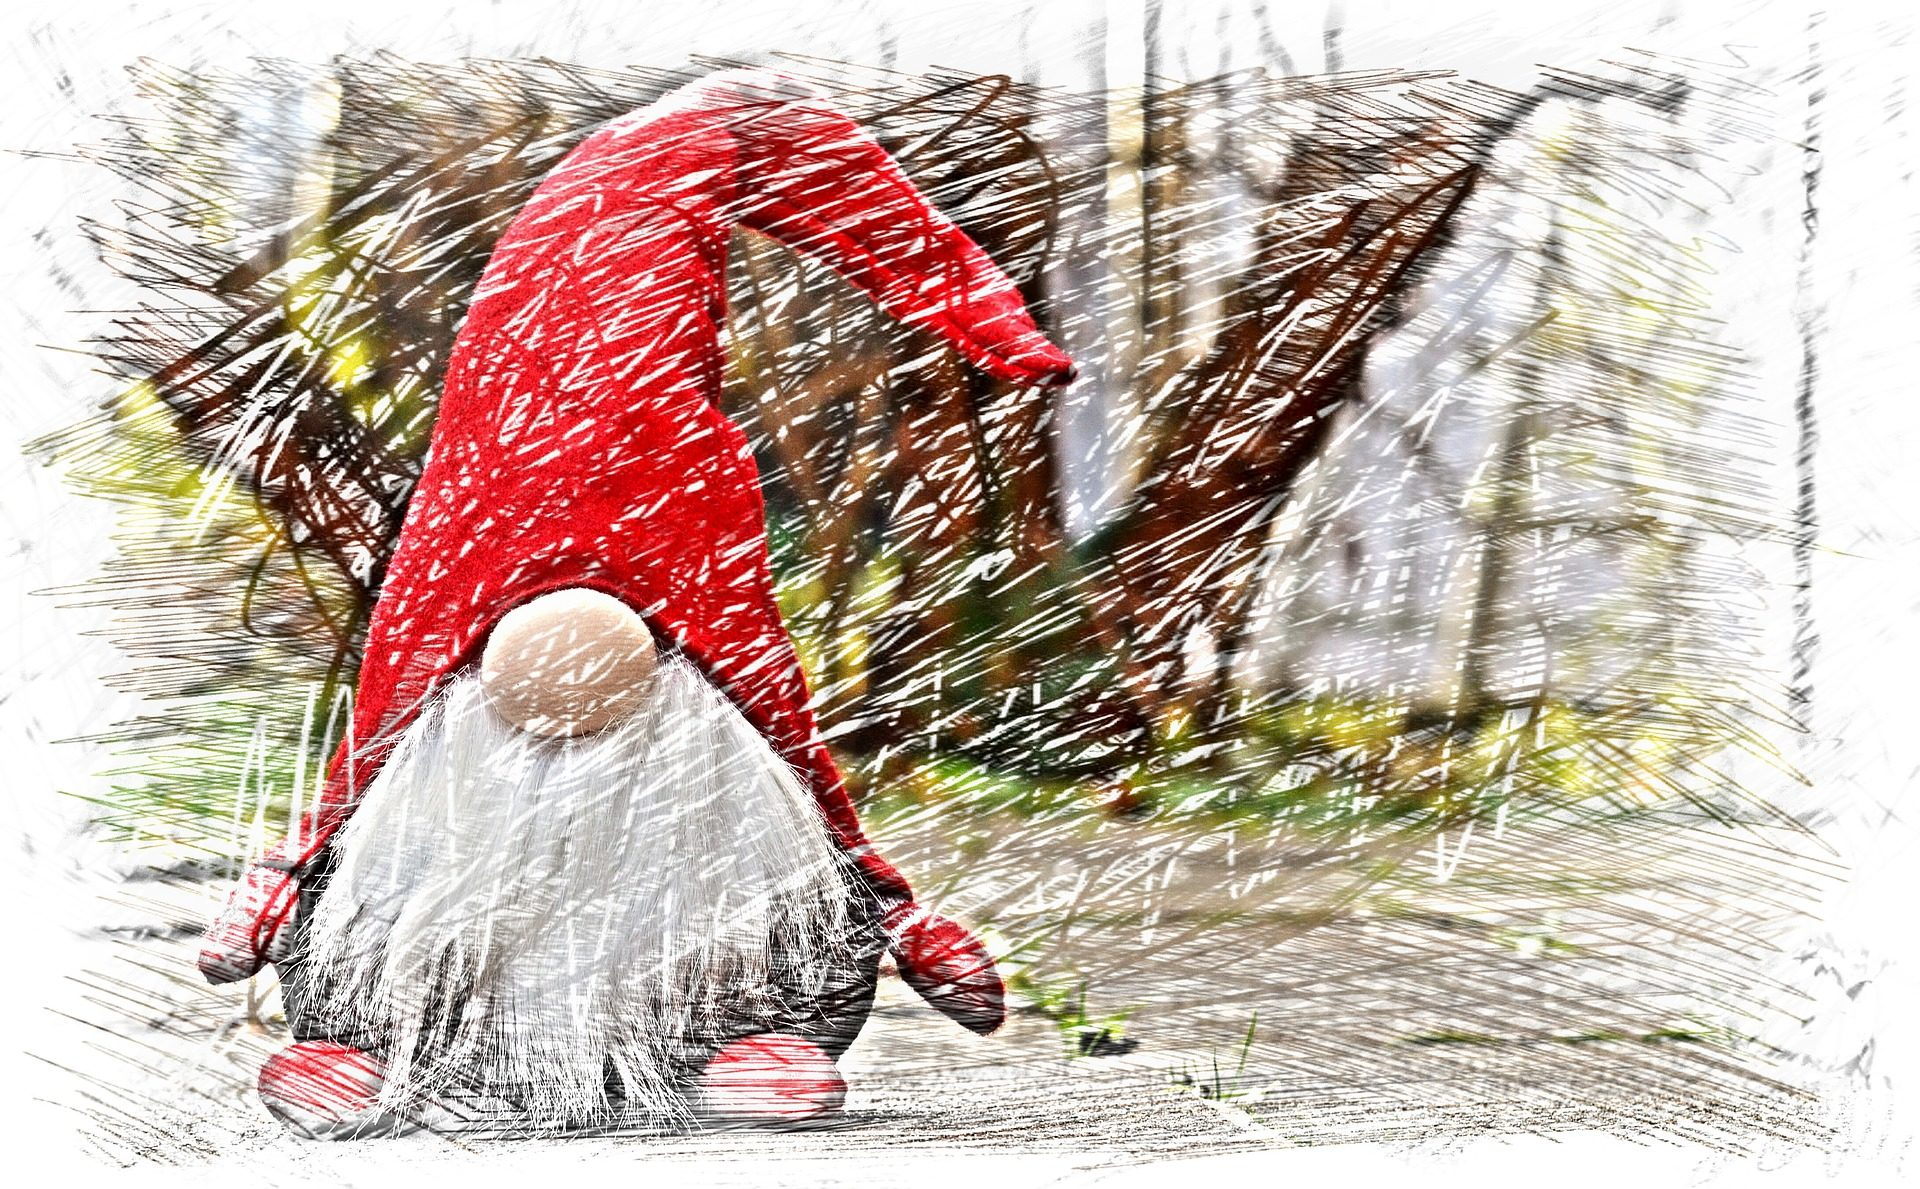 دونت, الرسم, papá noel, سانتا كلوز, الآنف, اللحية, عيد الميلاد - خلفيات عالية الدقة - أستاذ falken.com